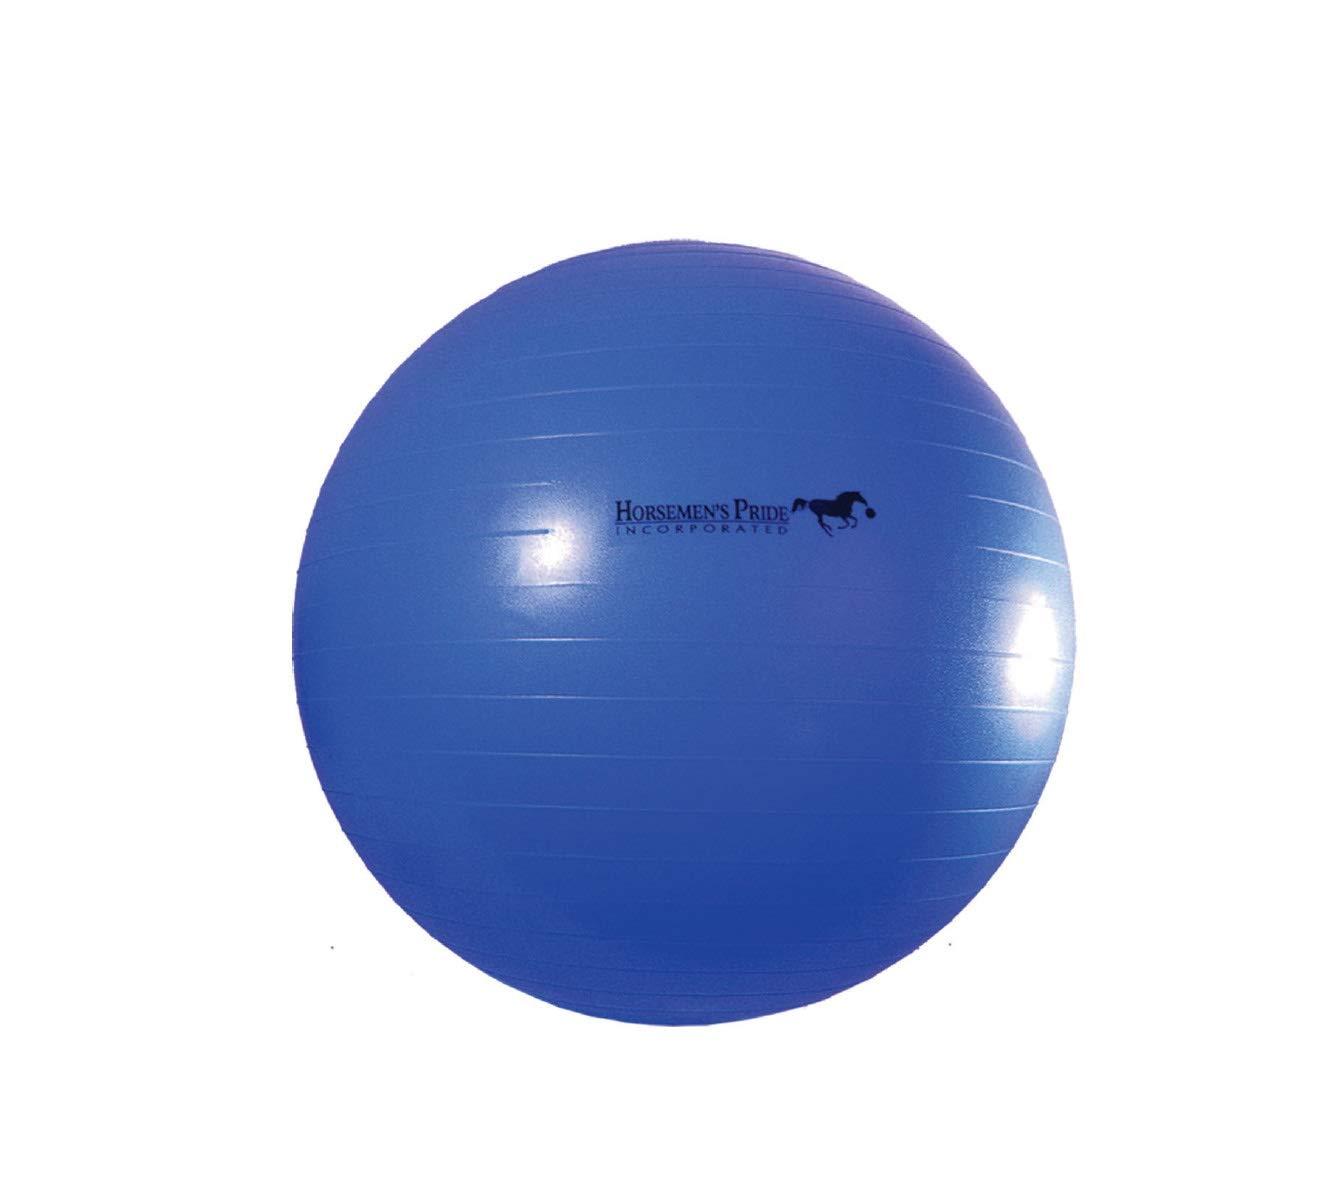 Horsemen's Pride 30-Inch Mega Ball for Horses, Blue